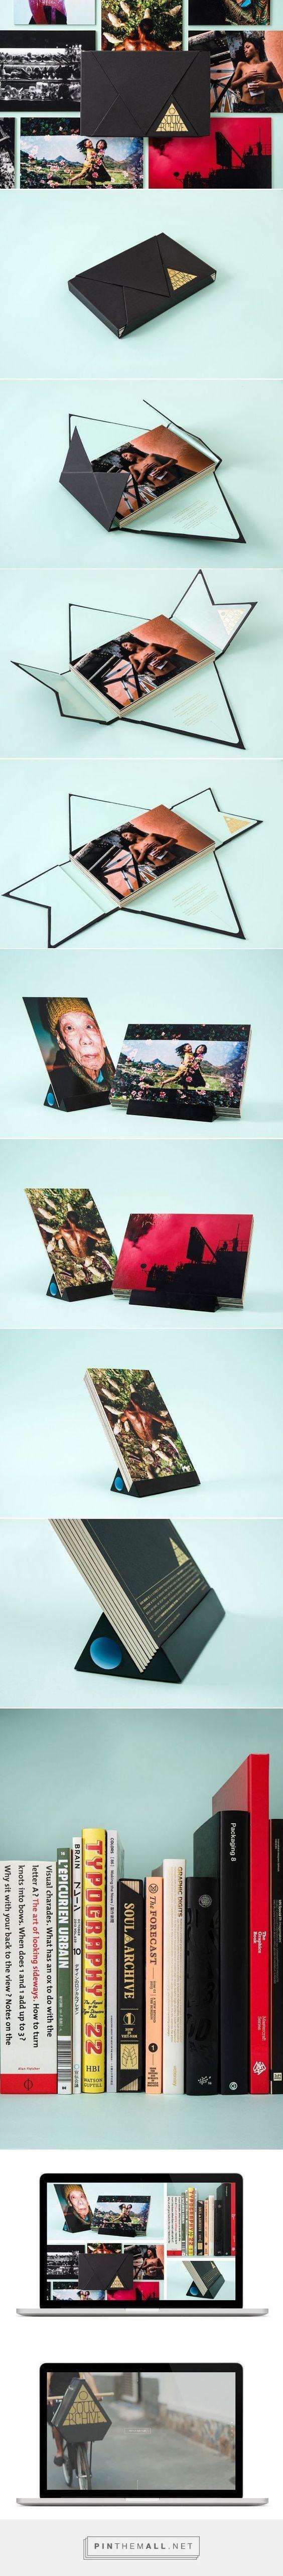 Pin de Diann RSc en CD empaque original   Pinterest   Empaques y ...